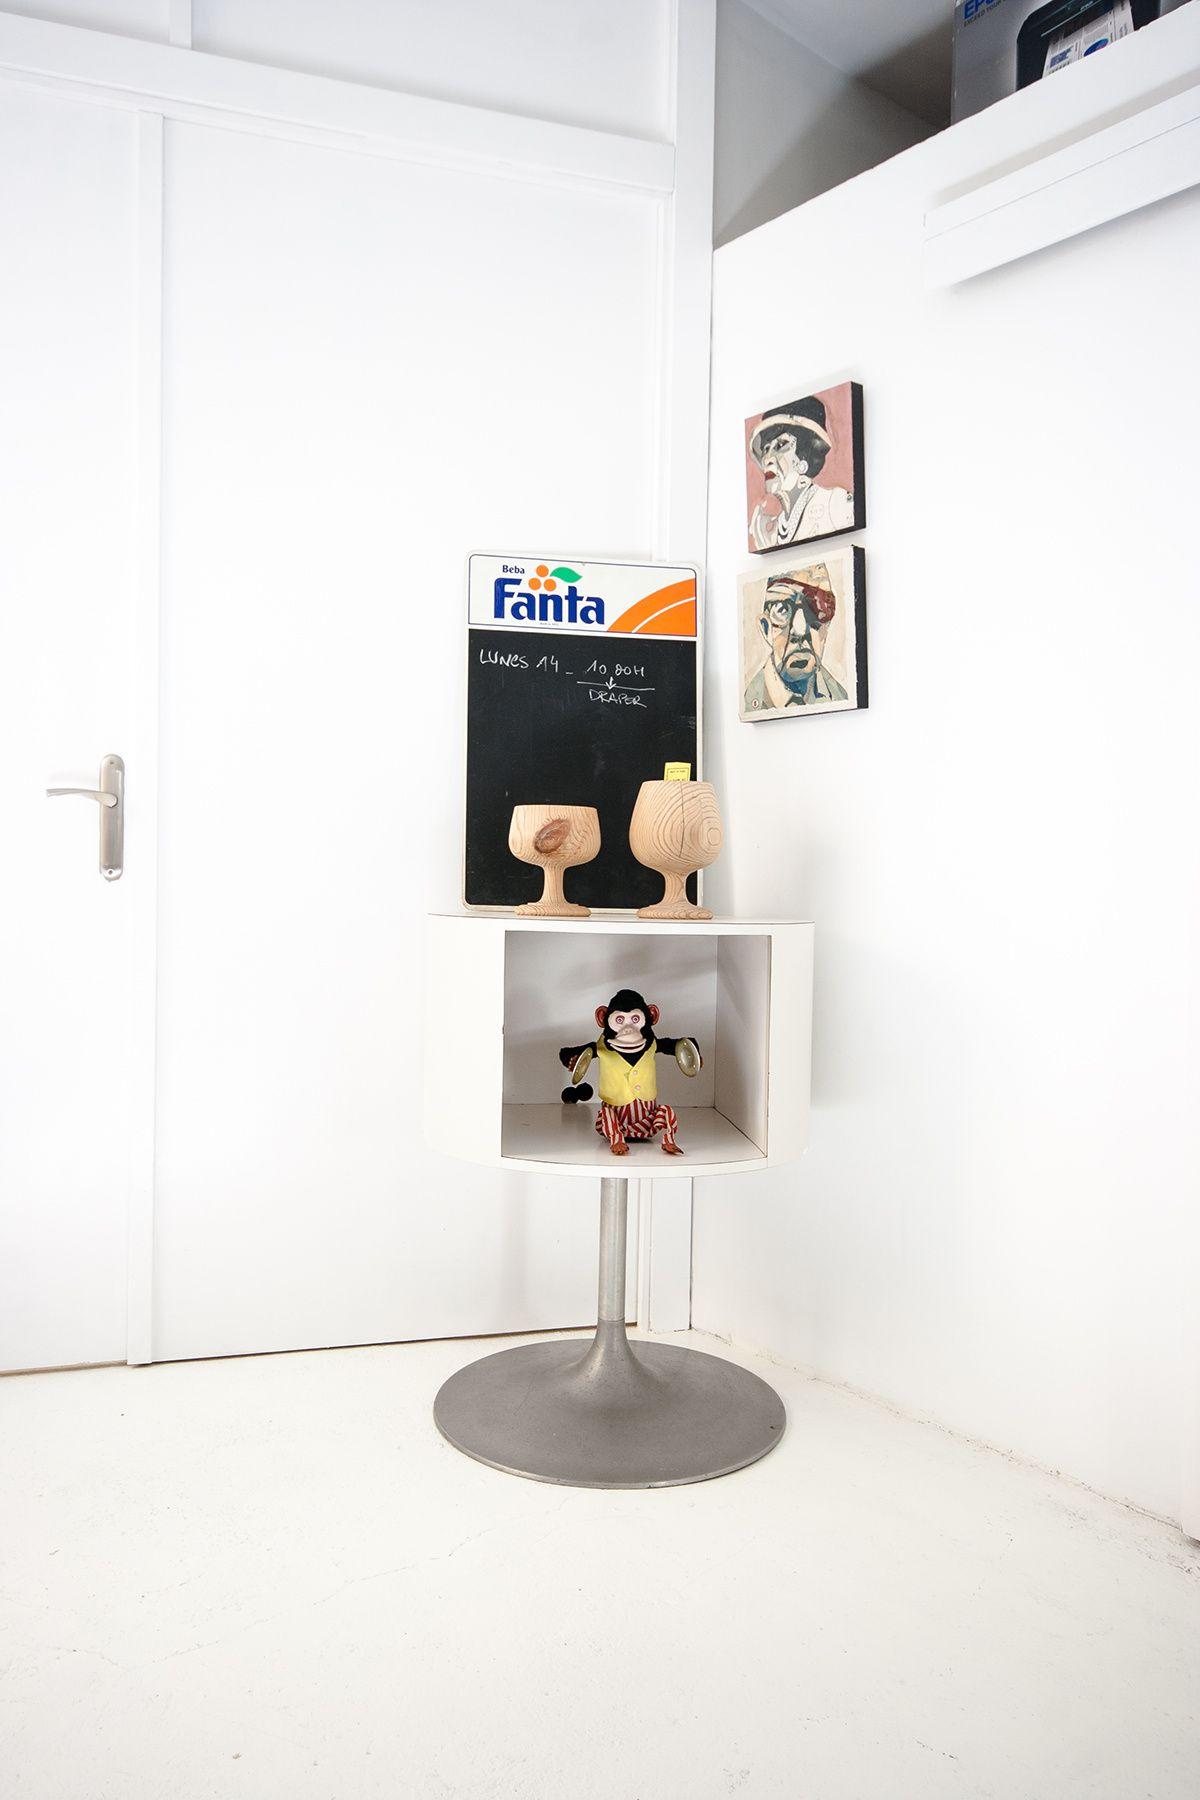 Teta & teta -Lo kitsch se mezcla con la publicidad en rincones inspiradores.